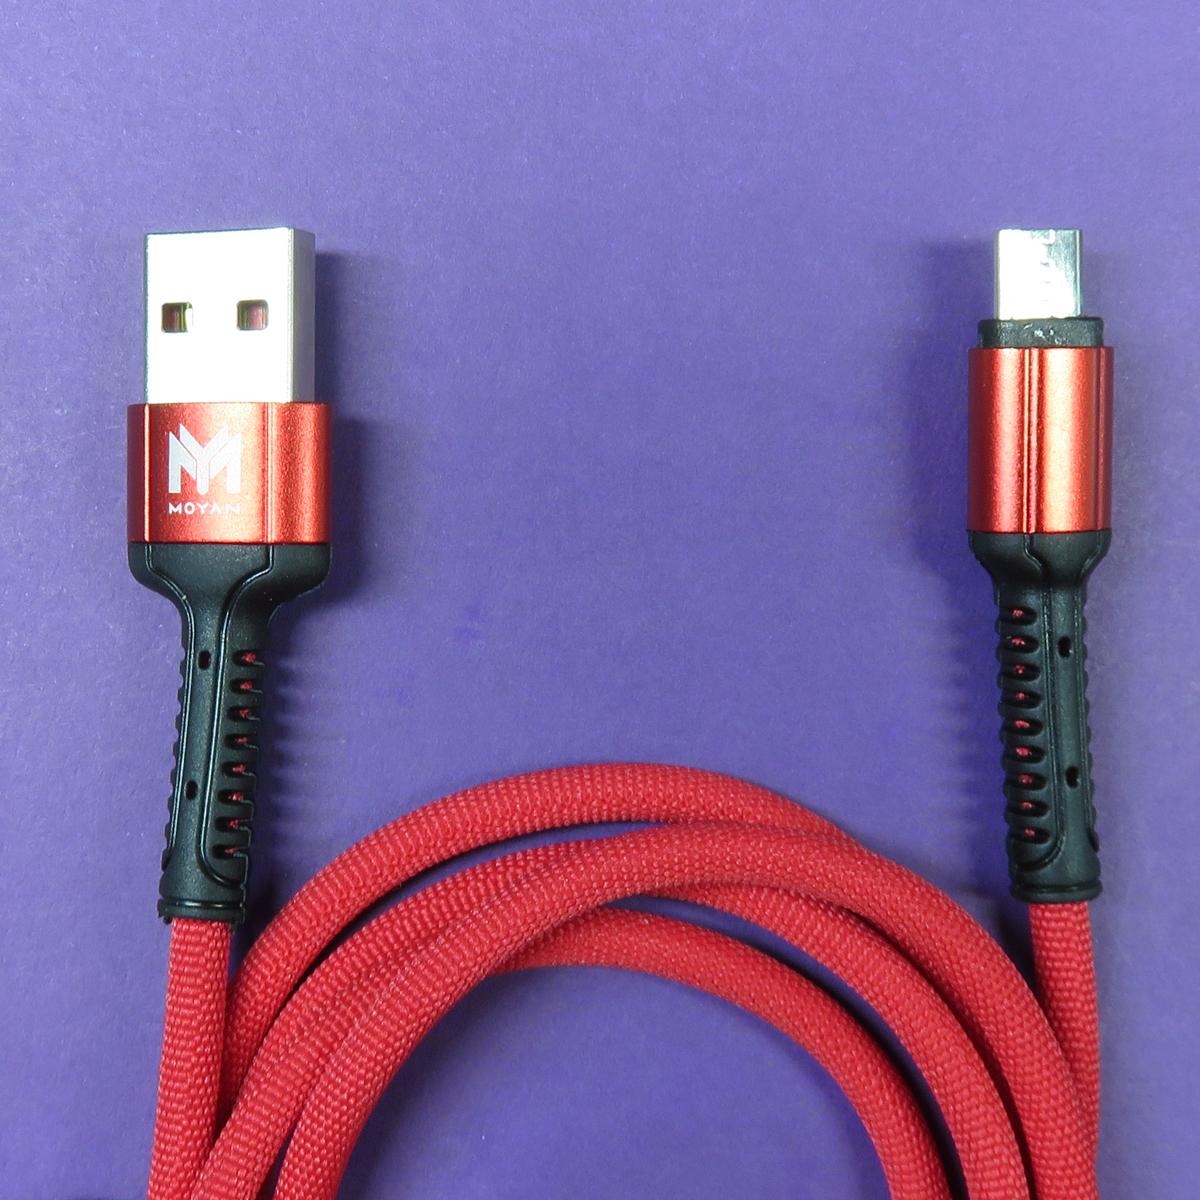 کابل تبدیل USB به microUsb مویان مدل MC-04 طول 1 متر